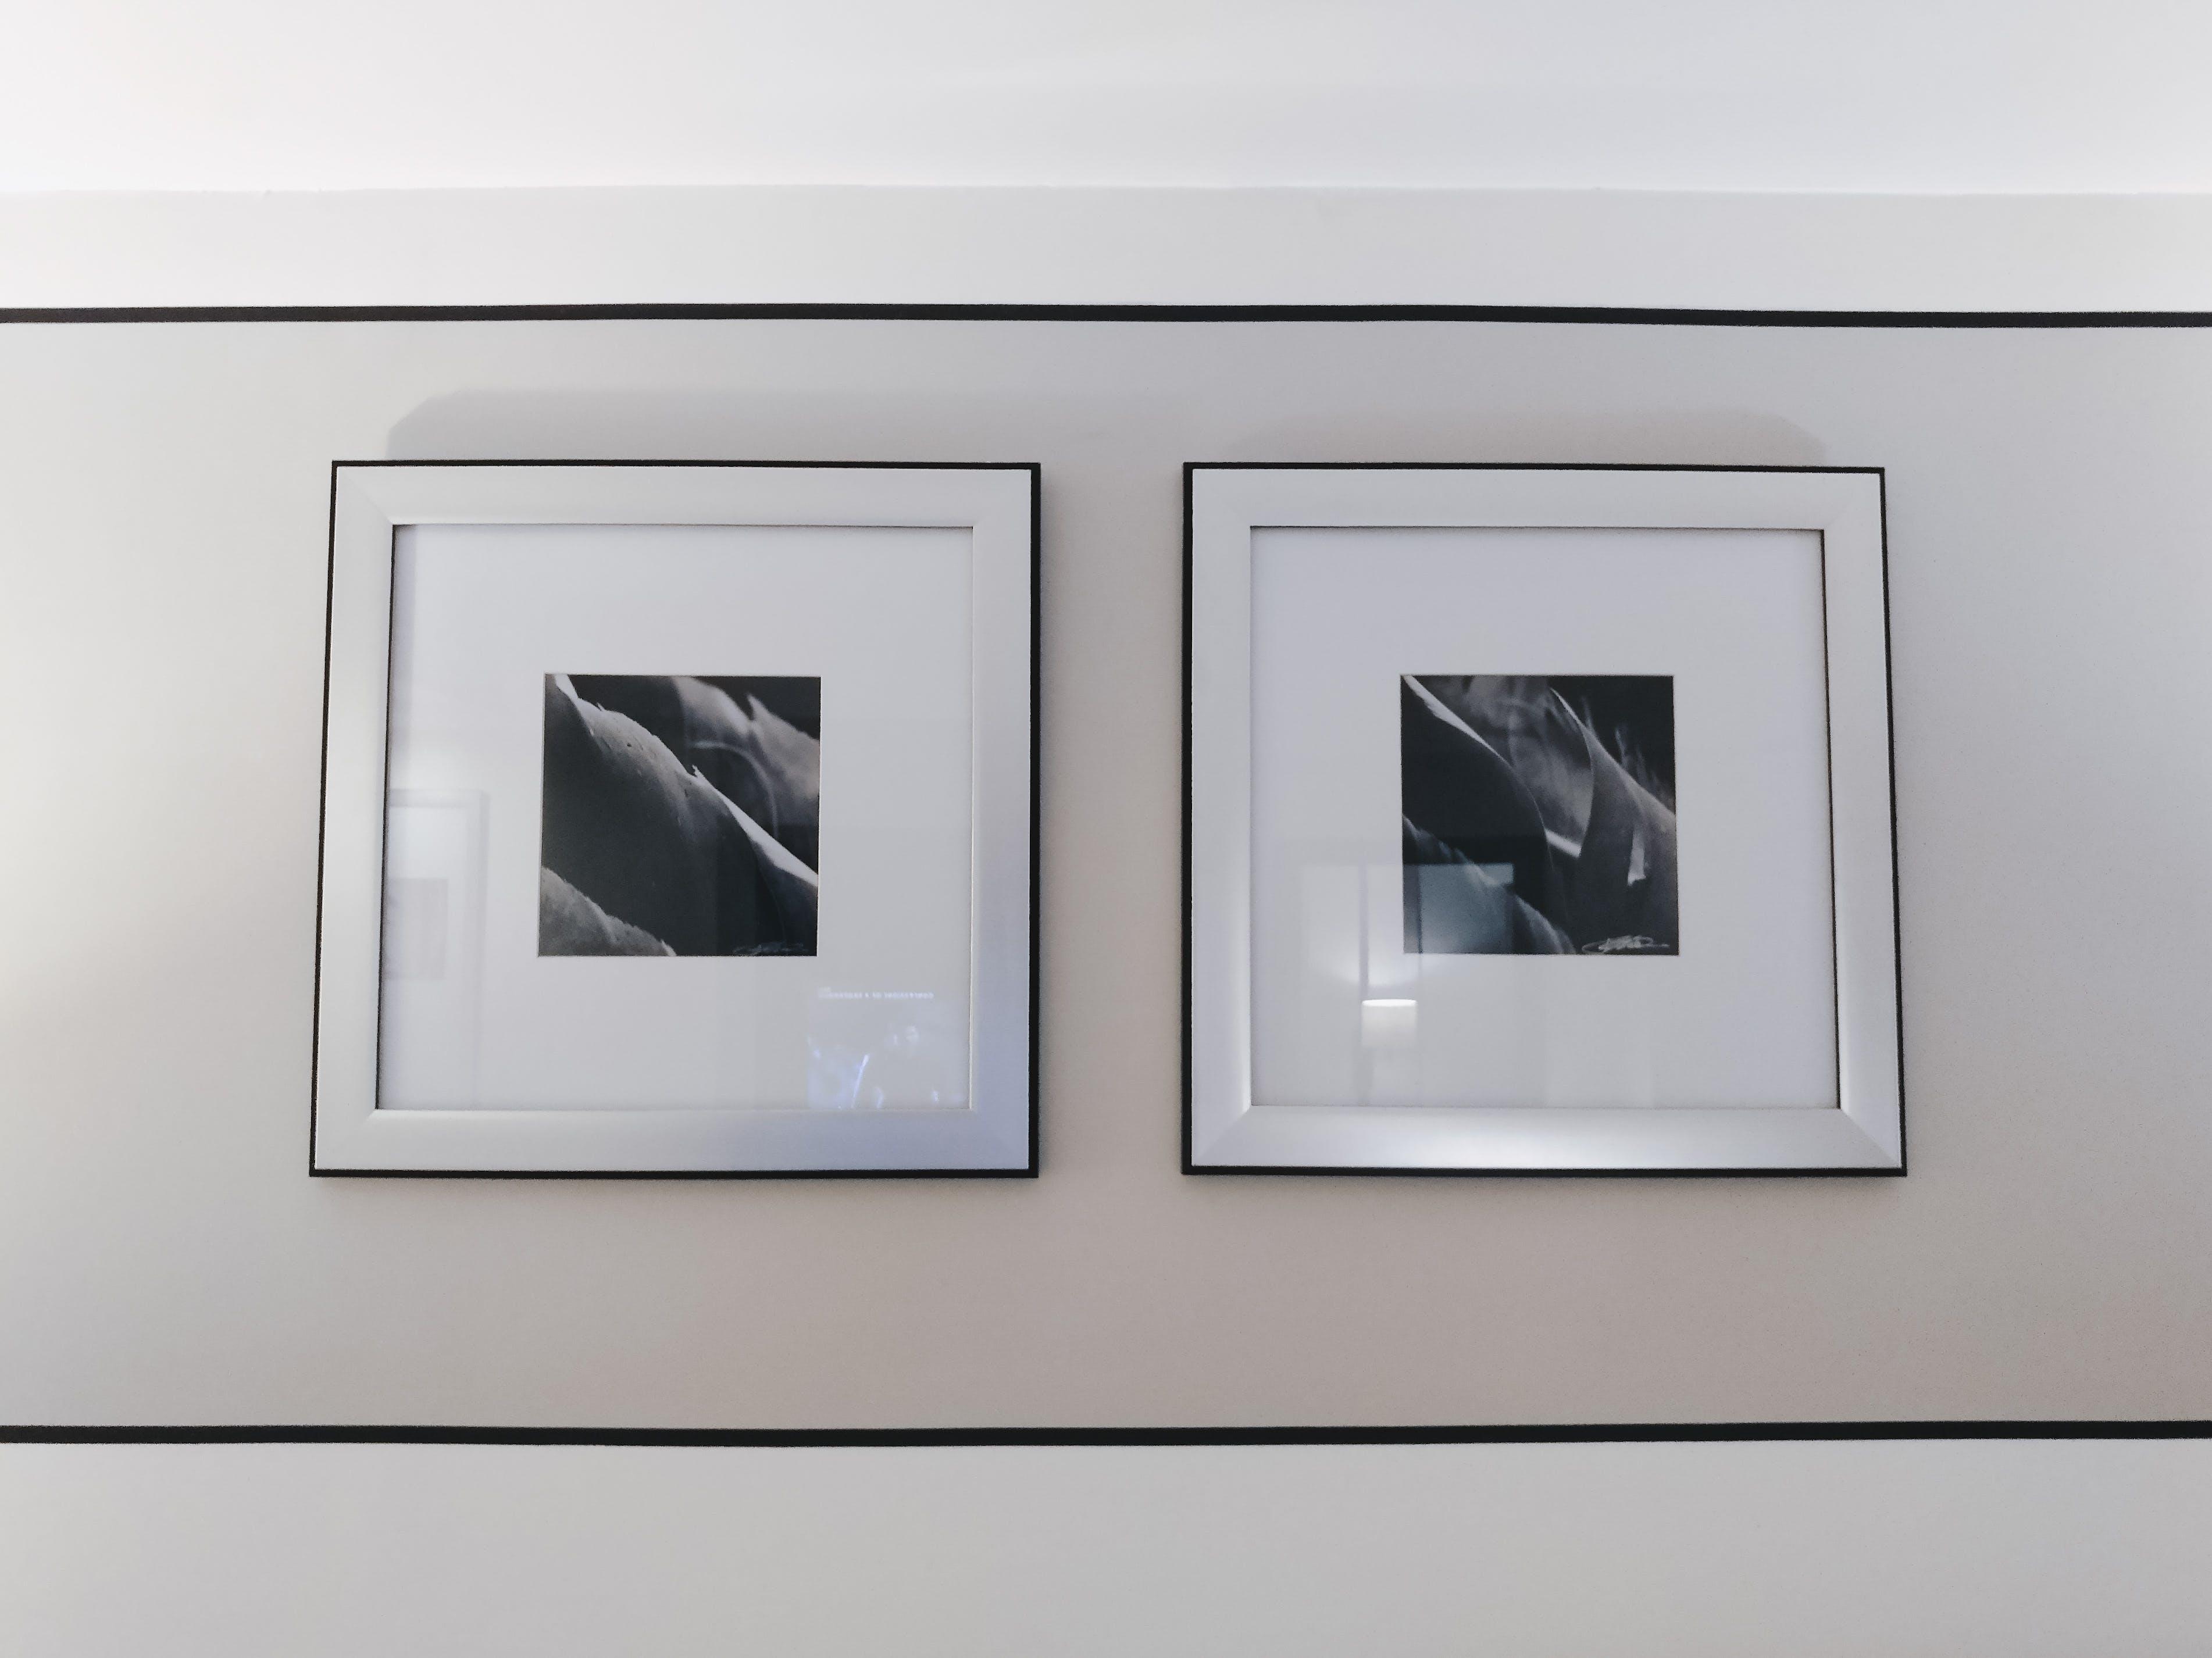 Ilmainen kuvapankkikuva tunnisteilla kevyt, muuri, Sisustussuunnittelu, valokuvan kehys